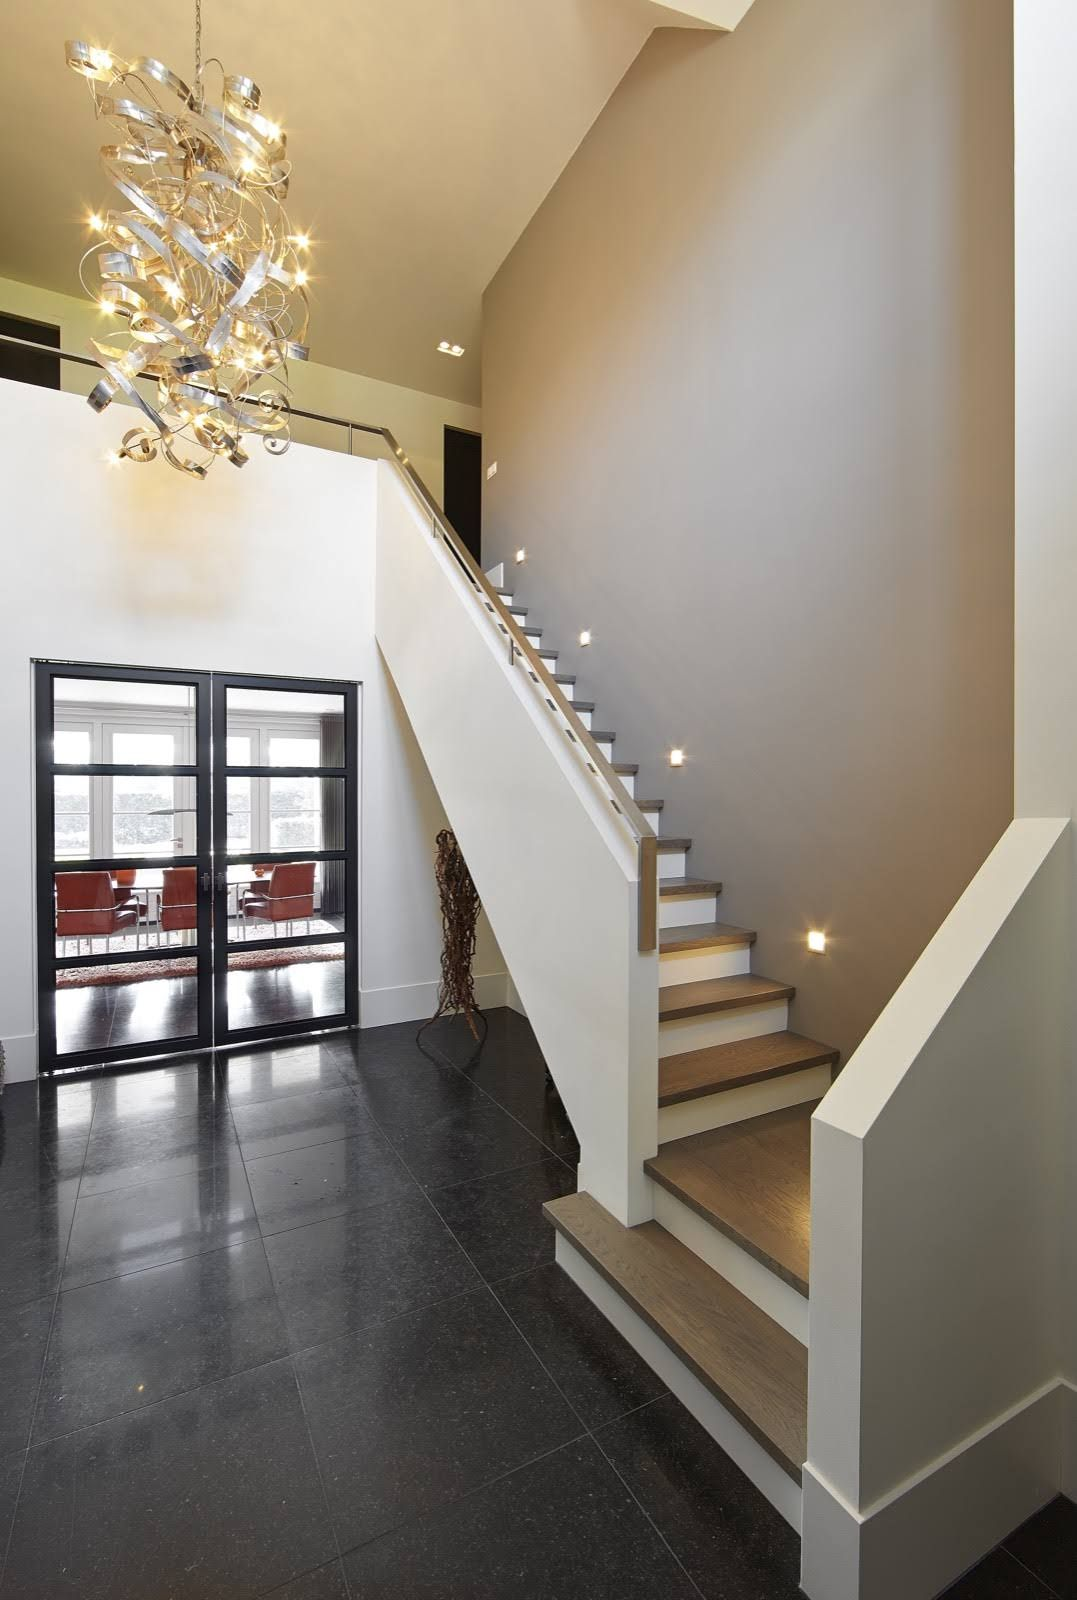 hal met houten trap met design verlichting